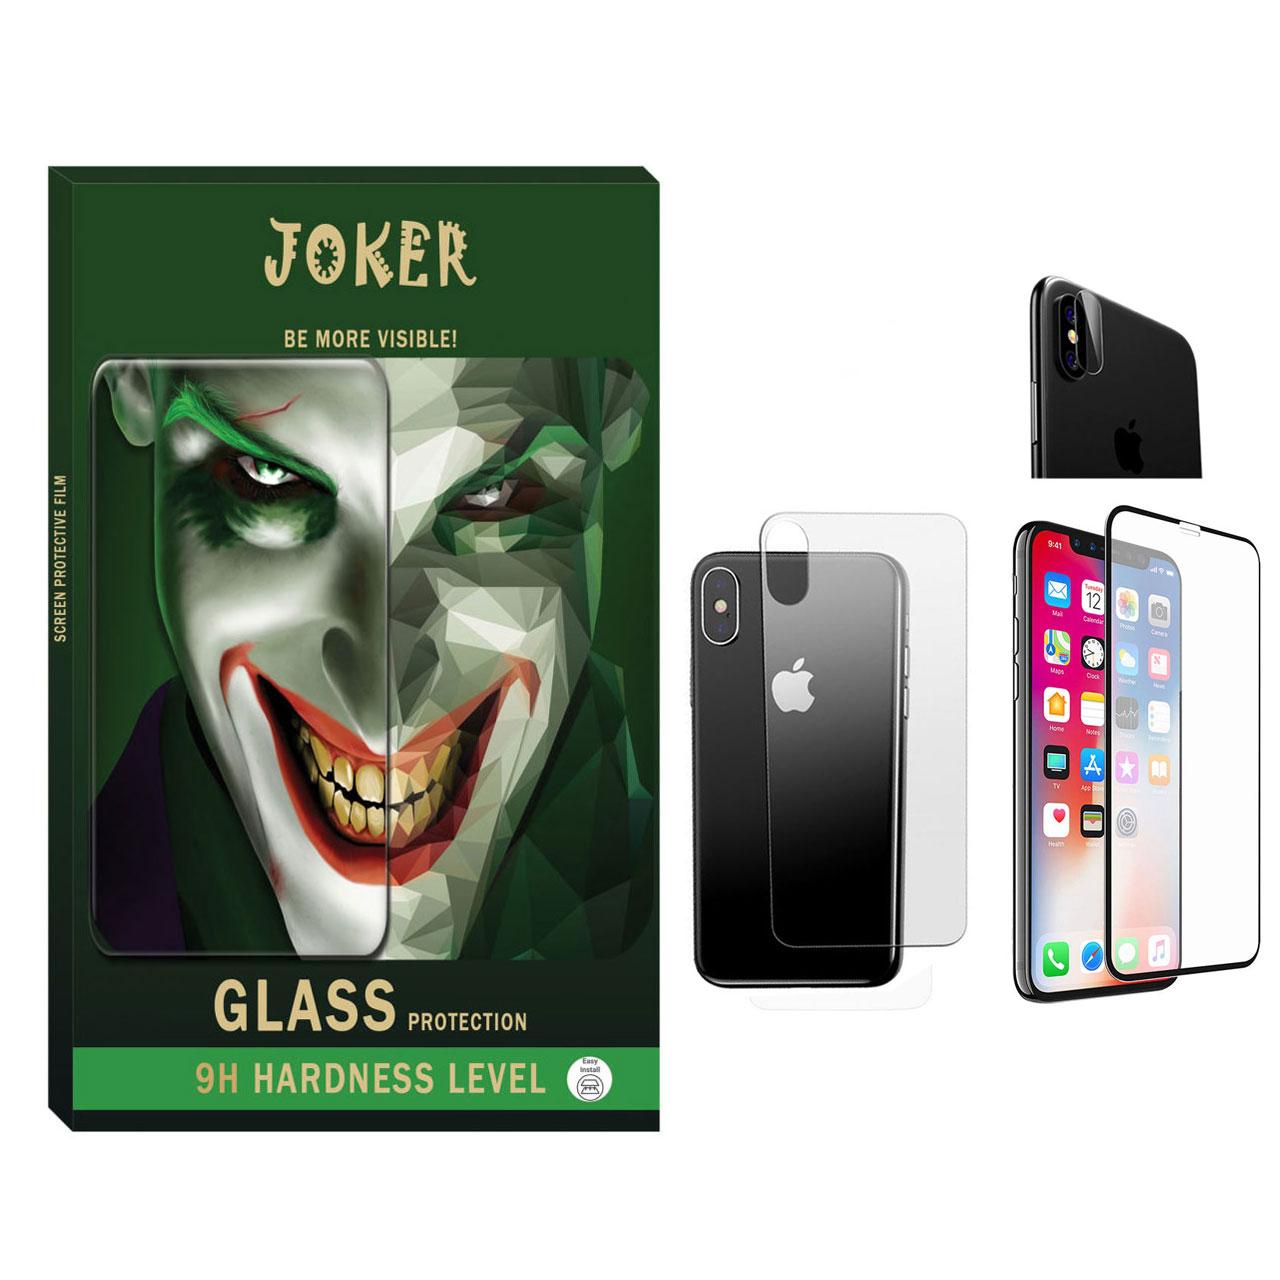 محافظ صفحه نمایش و پشت گوشی جوکر مدل FUM-01 مناسب برای گوشی موبایل Iphone X/Xs به همراه محافظ لنز دوربین